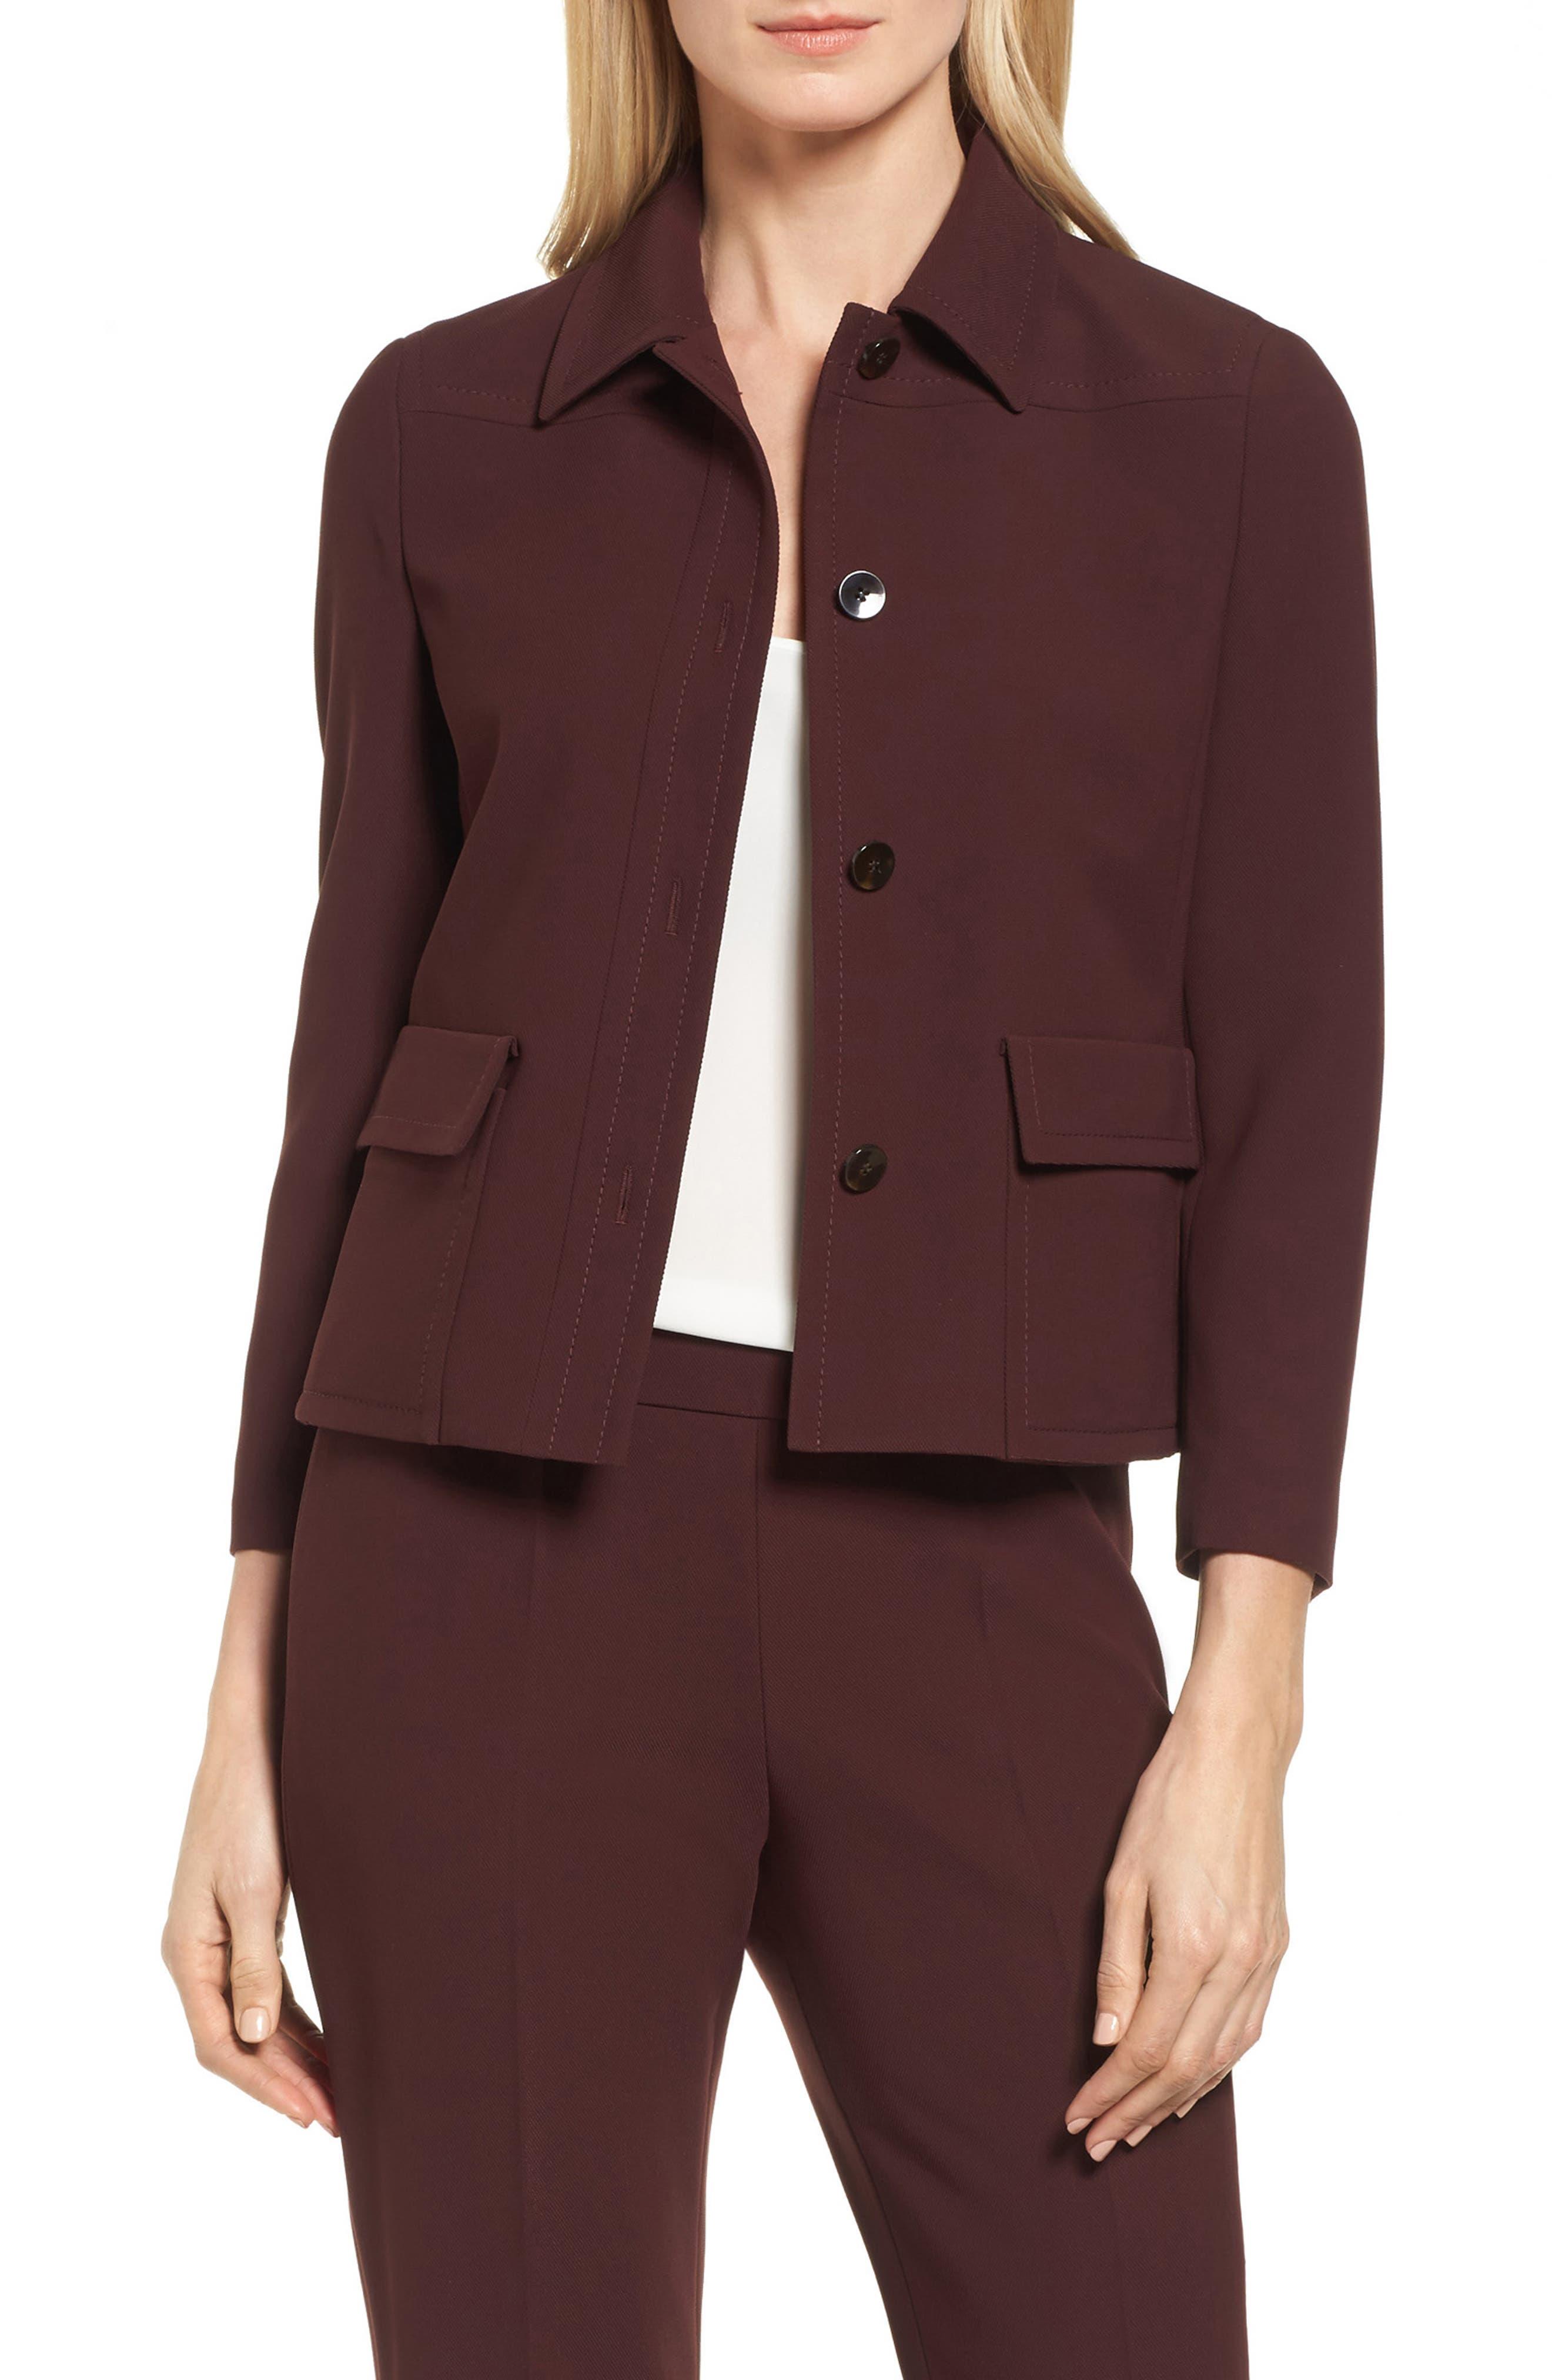 Juriona Suit Jacket,                             Main thumbnail 1, color,                             602